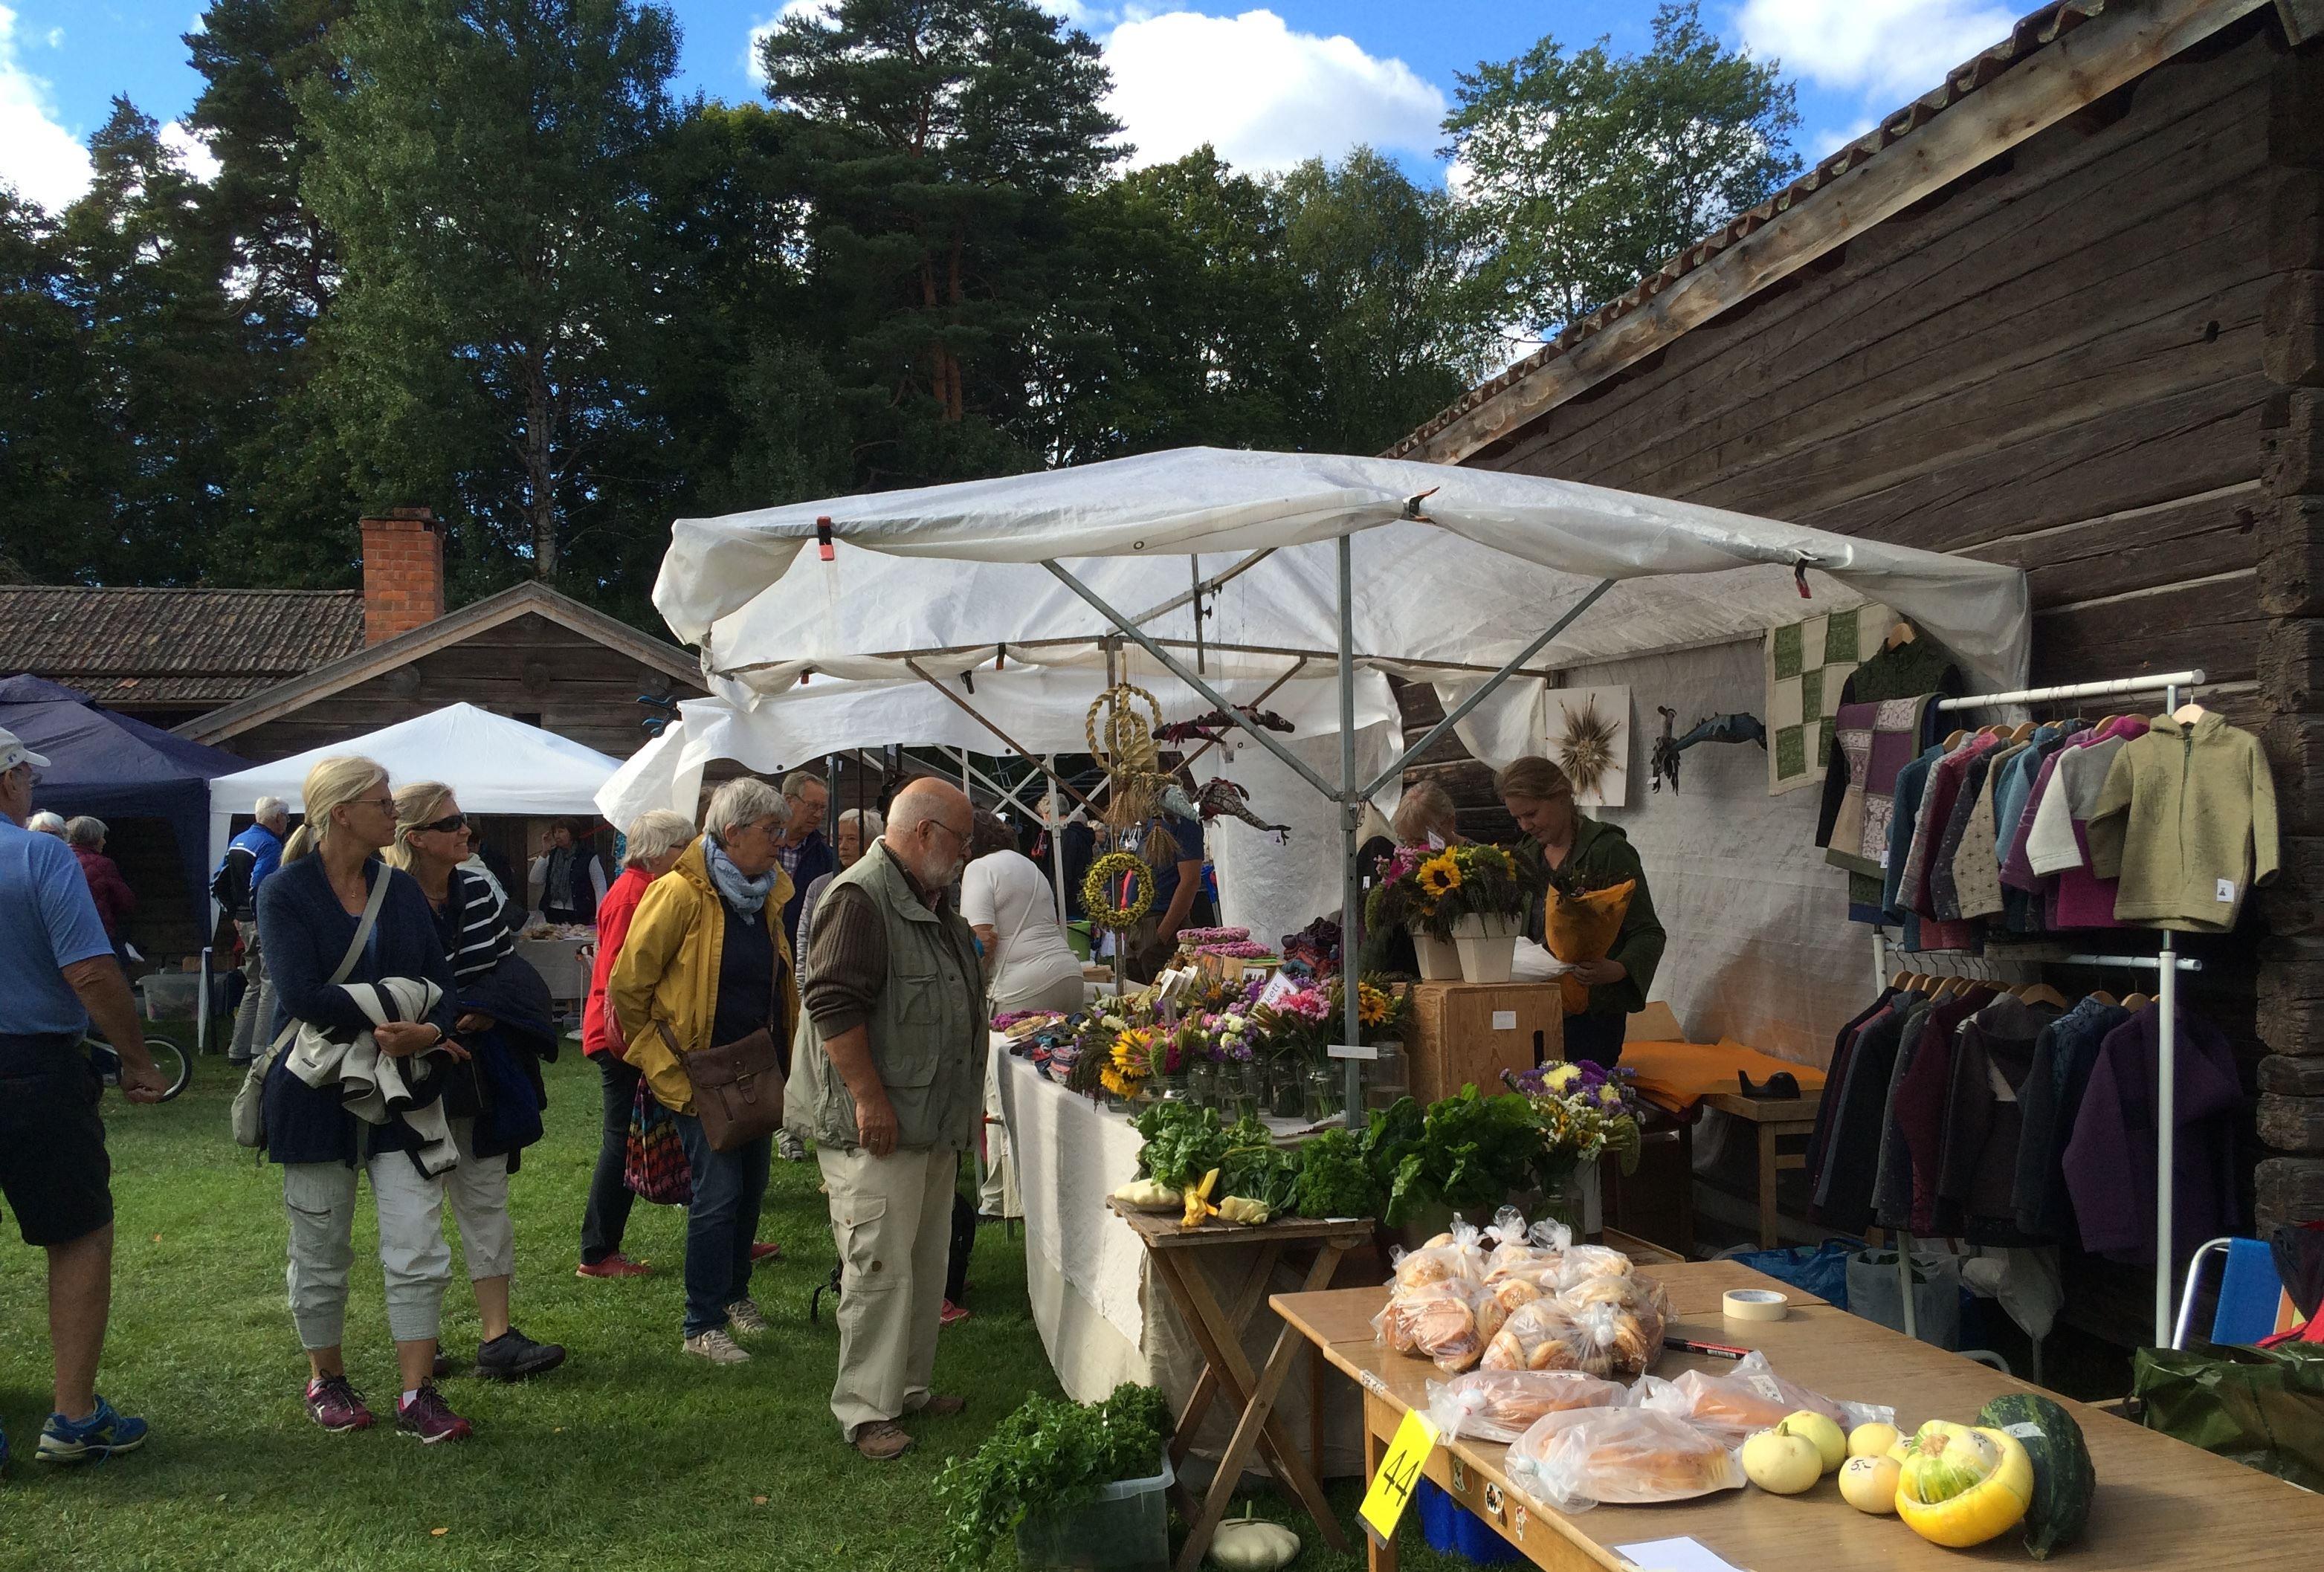 Farmer's Market in Leksand